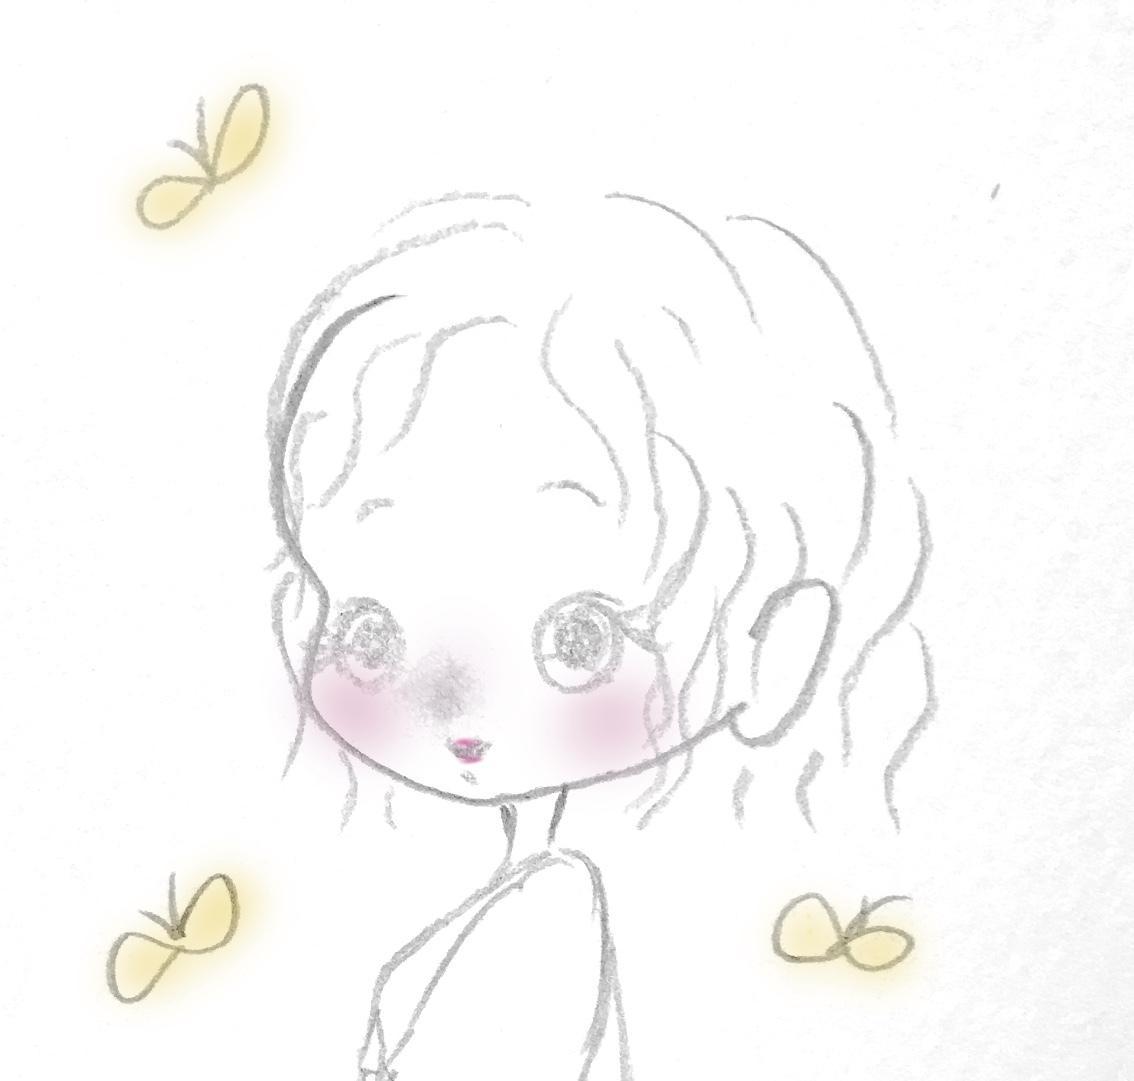 ゆるふわ、かわいい感じのイラスト描きます ゆる可愛いイラスト書いてます!